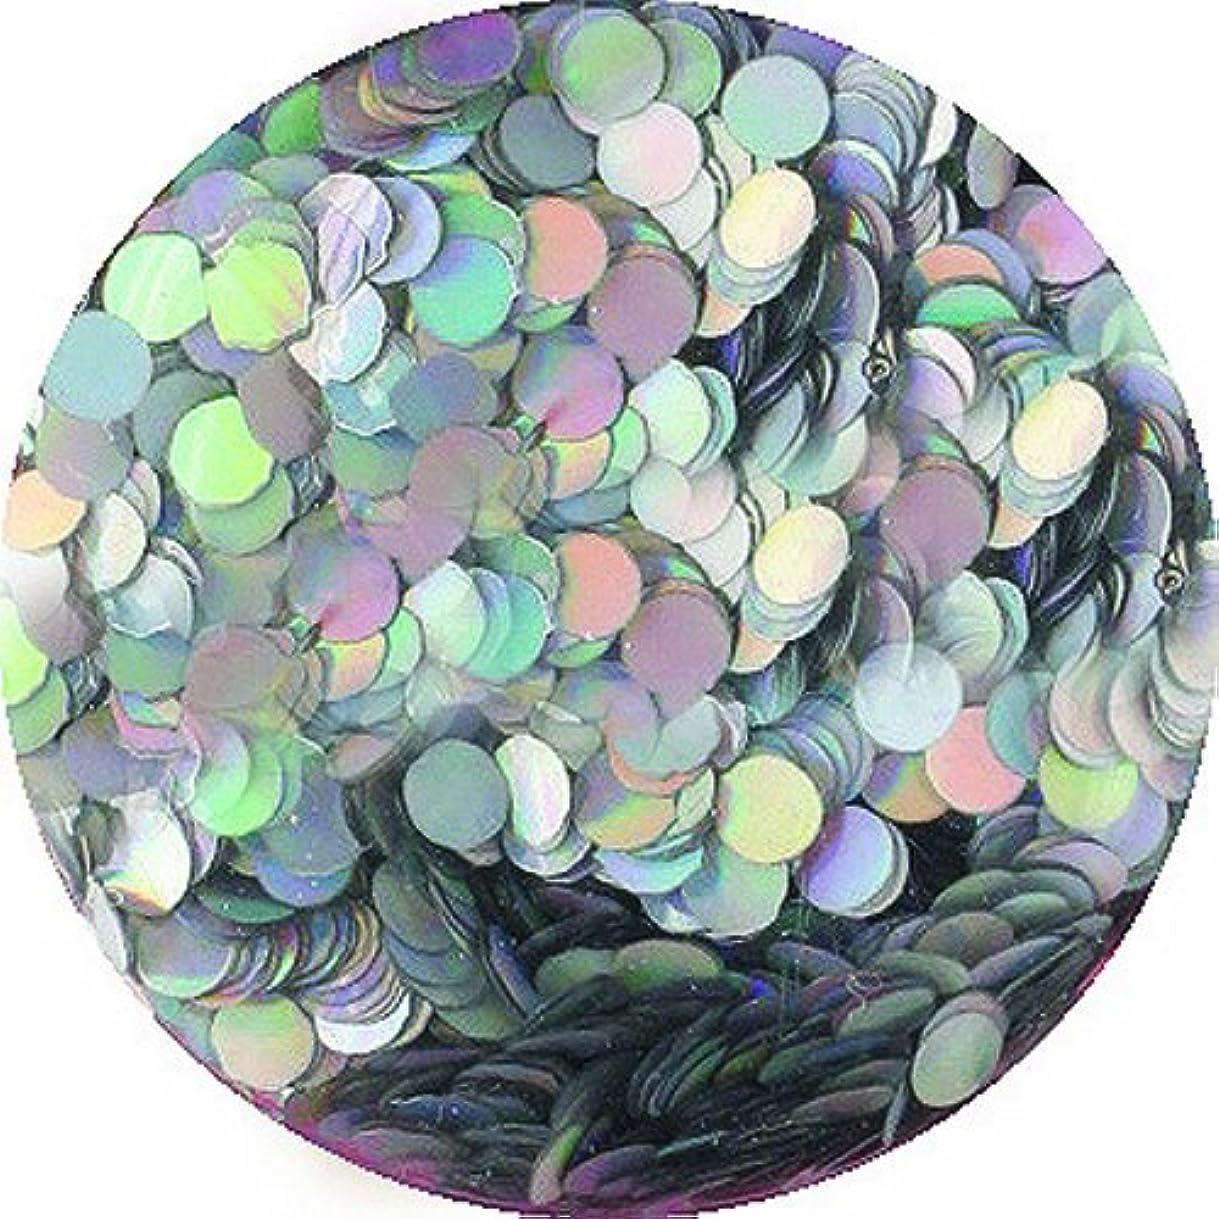 白菜煩わしいフレアビューティーネイラー ネイル用パウダー 黒崎えり子 ジュエリーコレクション ホロゴールド丸1mm